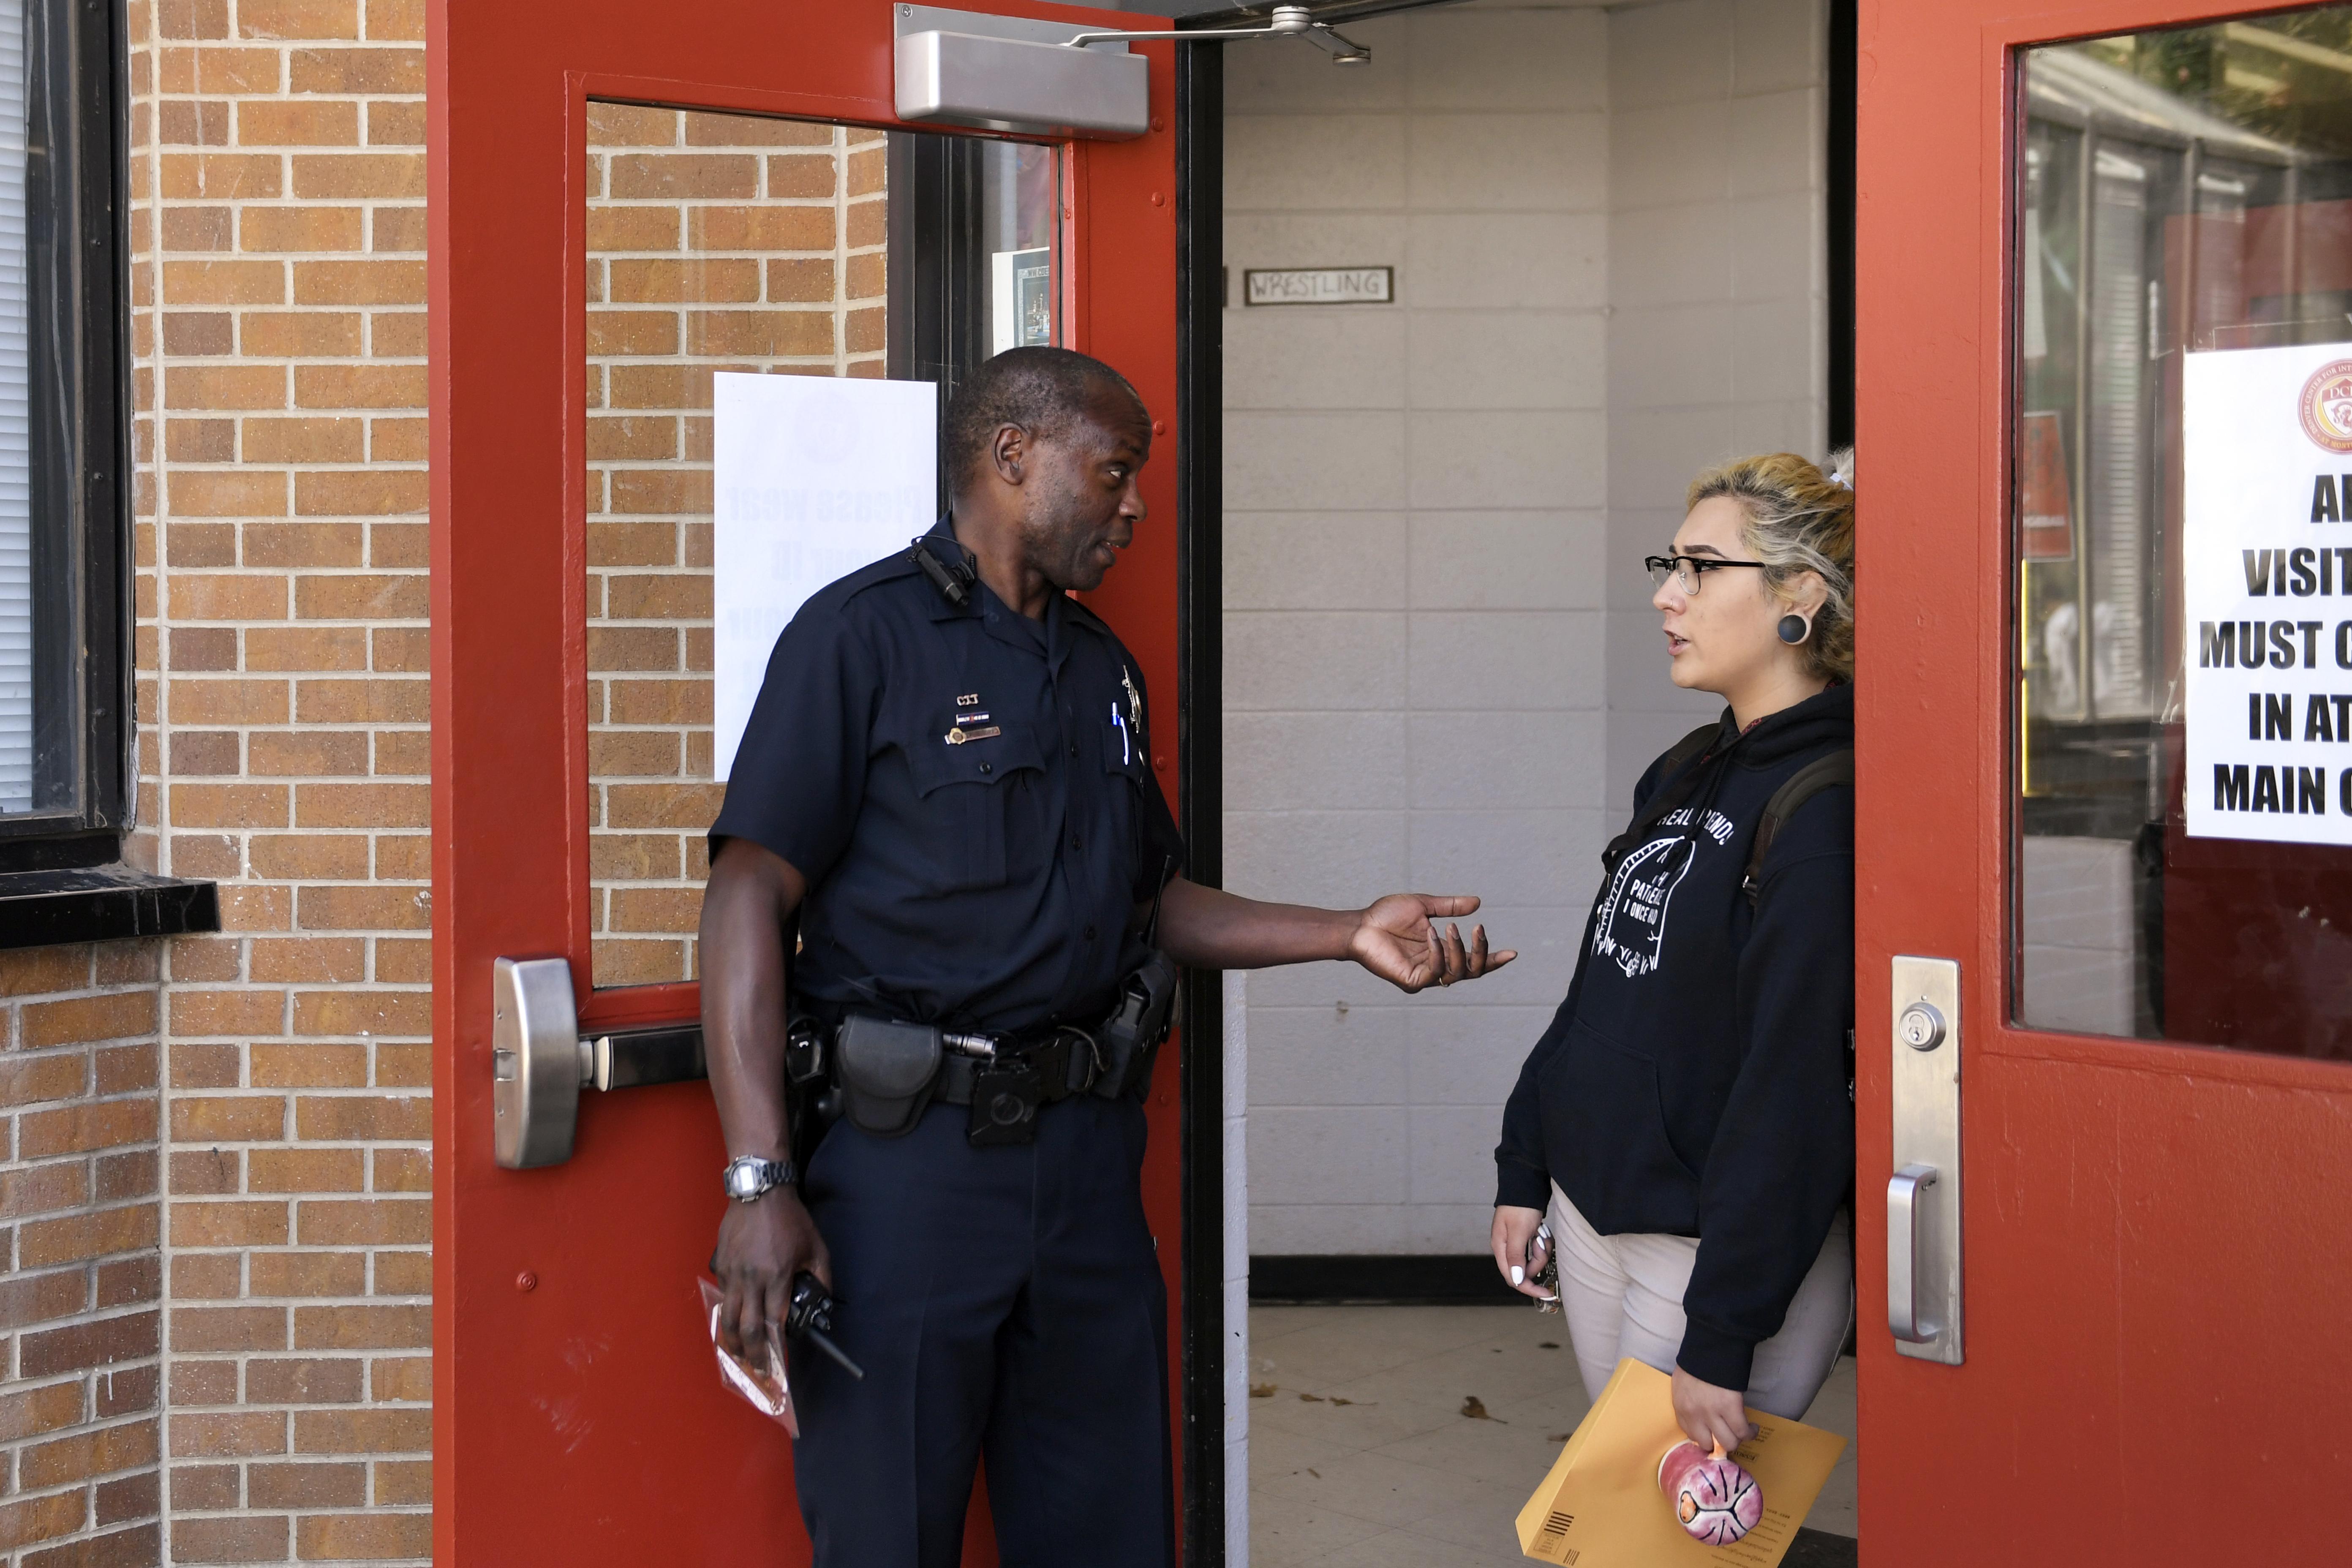 SCHOOL COPS